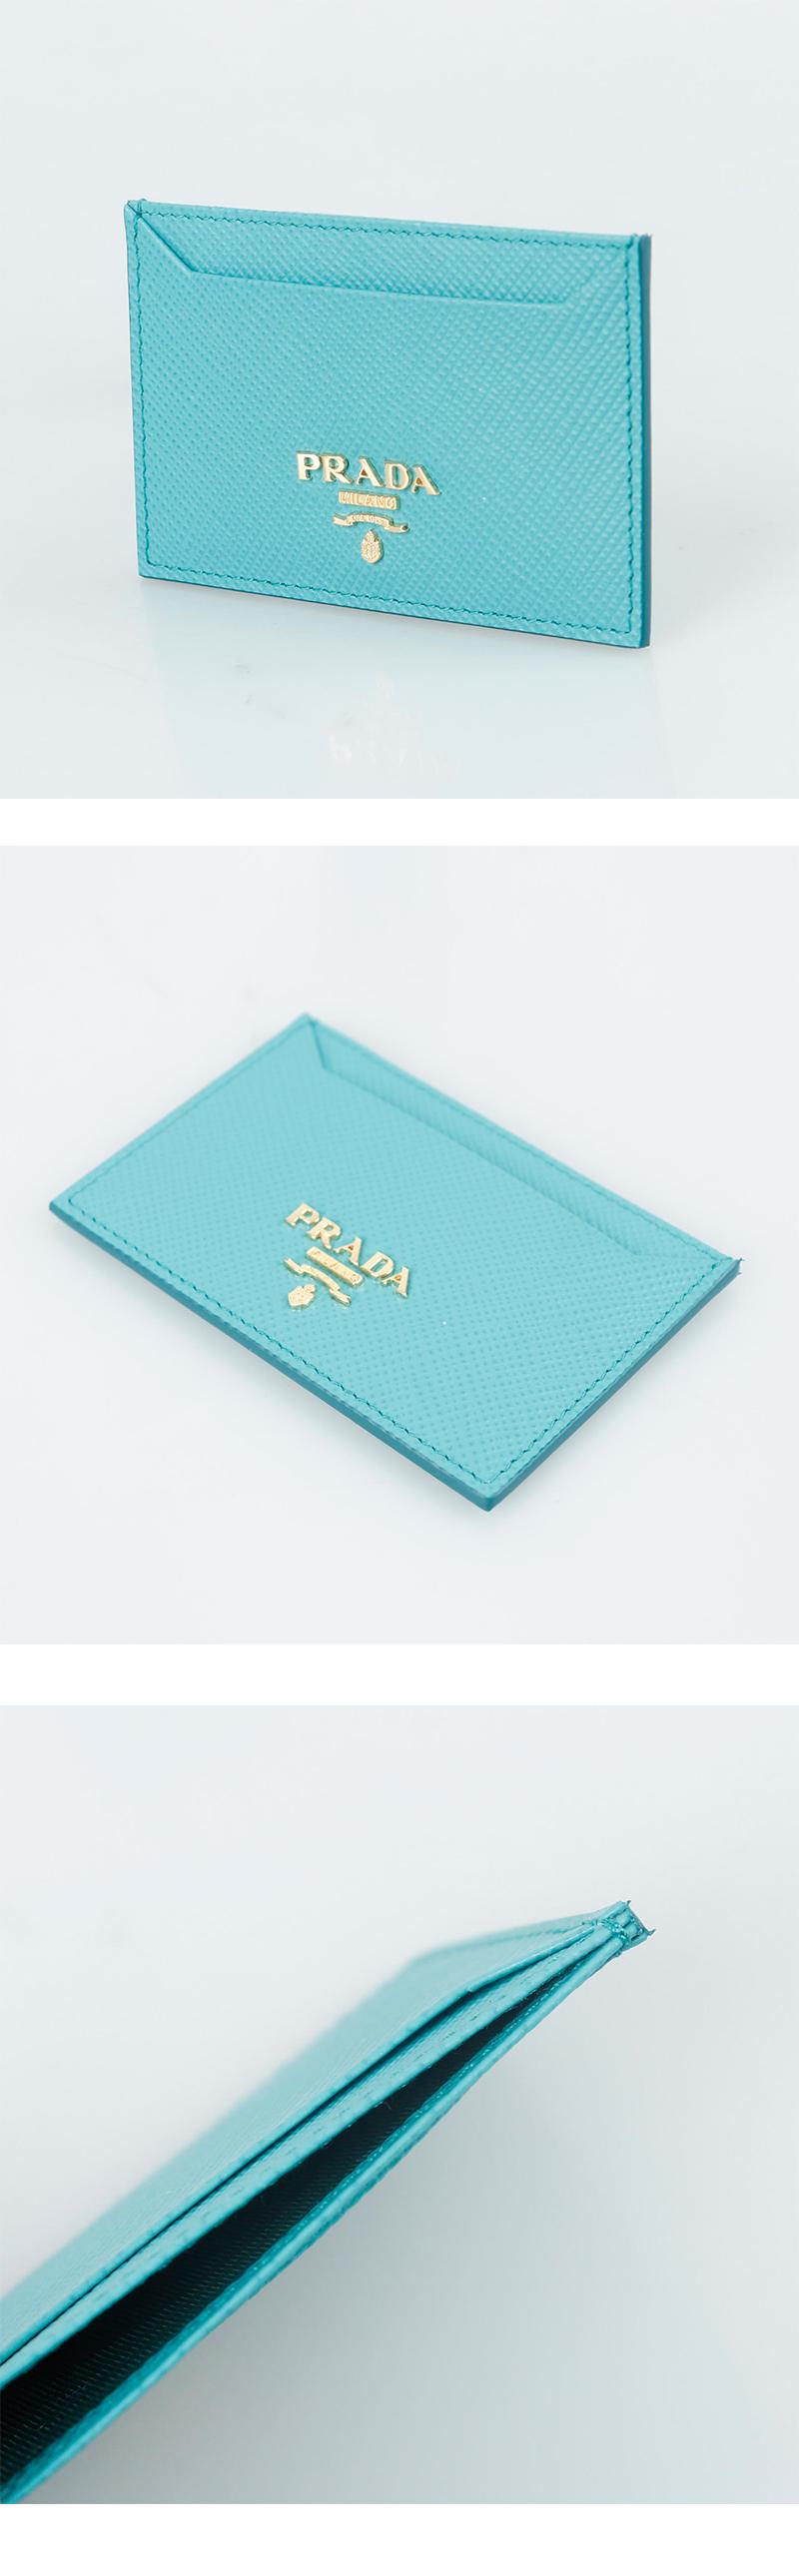 프라다(PRADA) 사피아노 카드지갑 1MC208